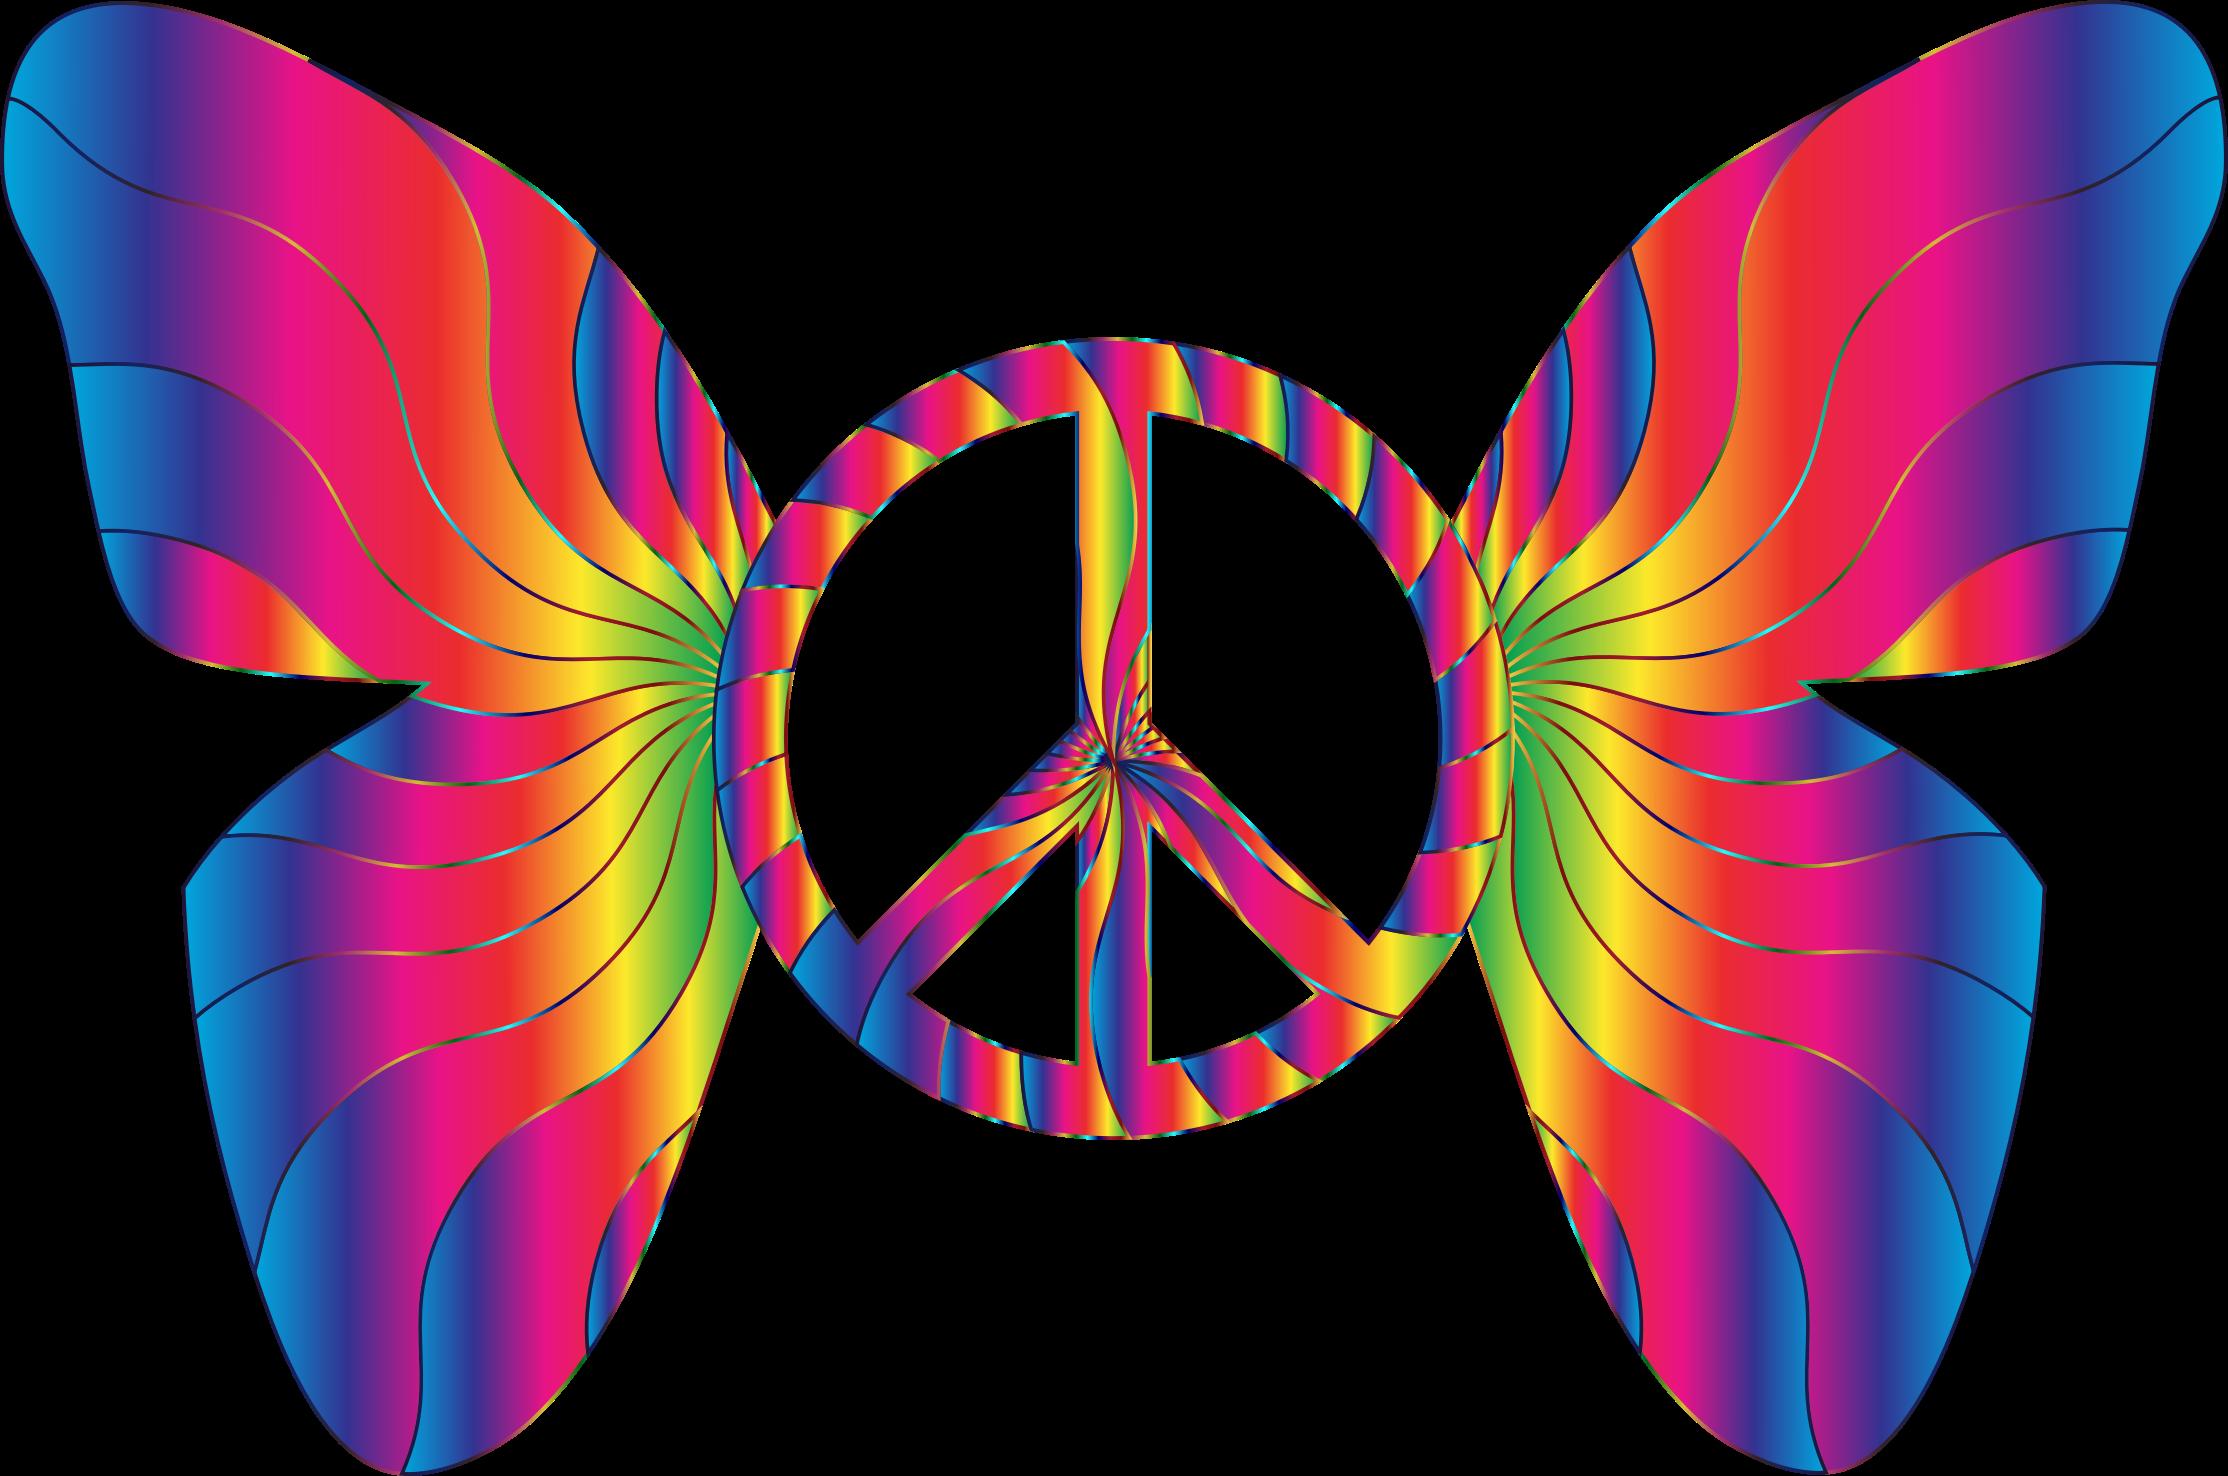 2228x1476 Peace Sign Clipart Groovy